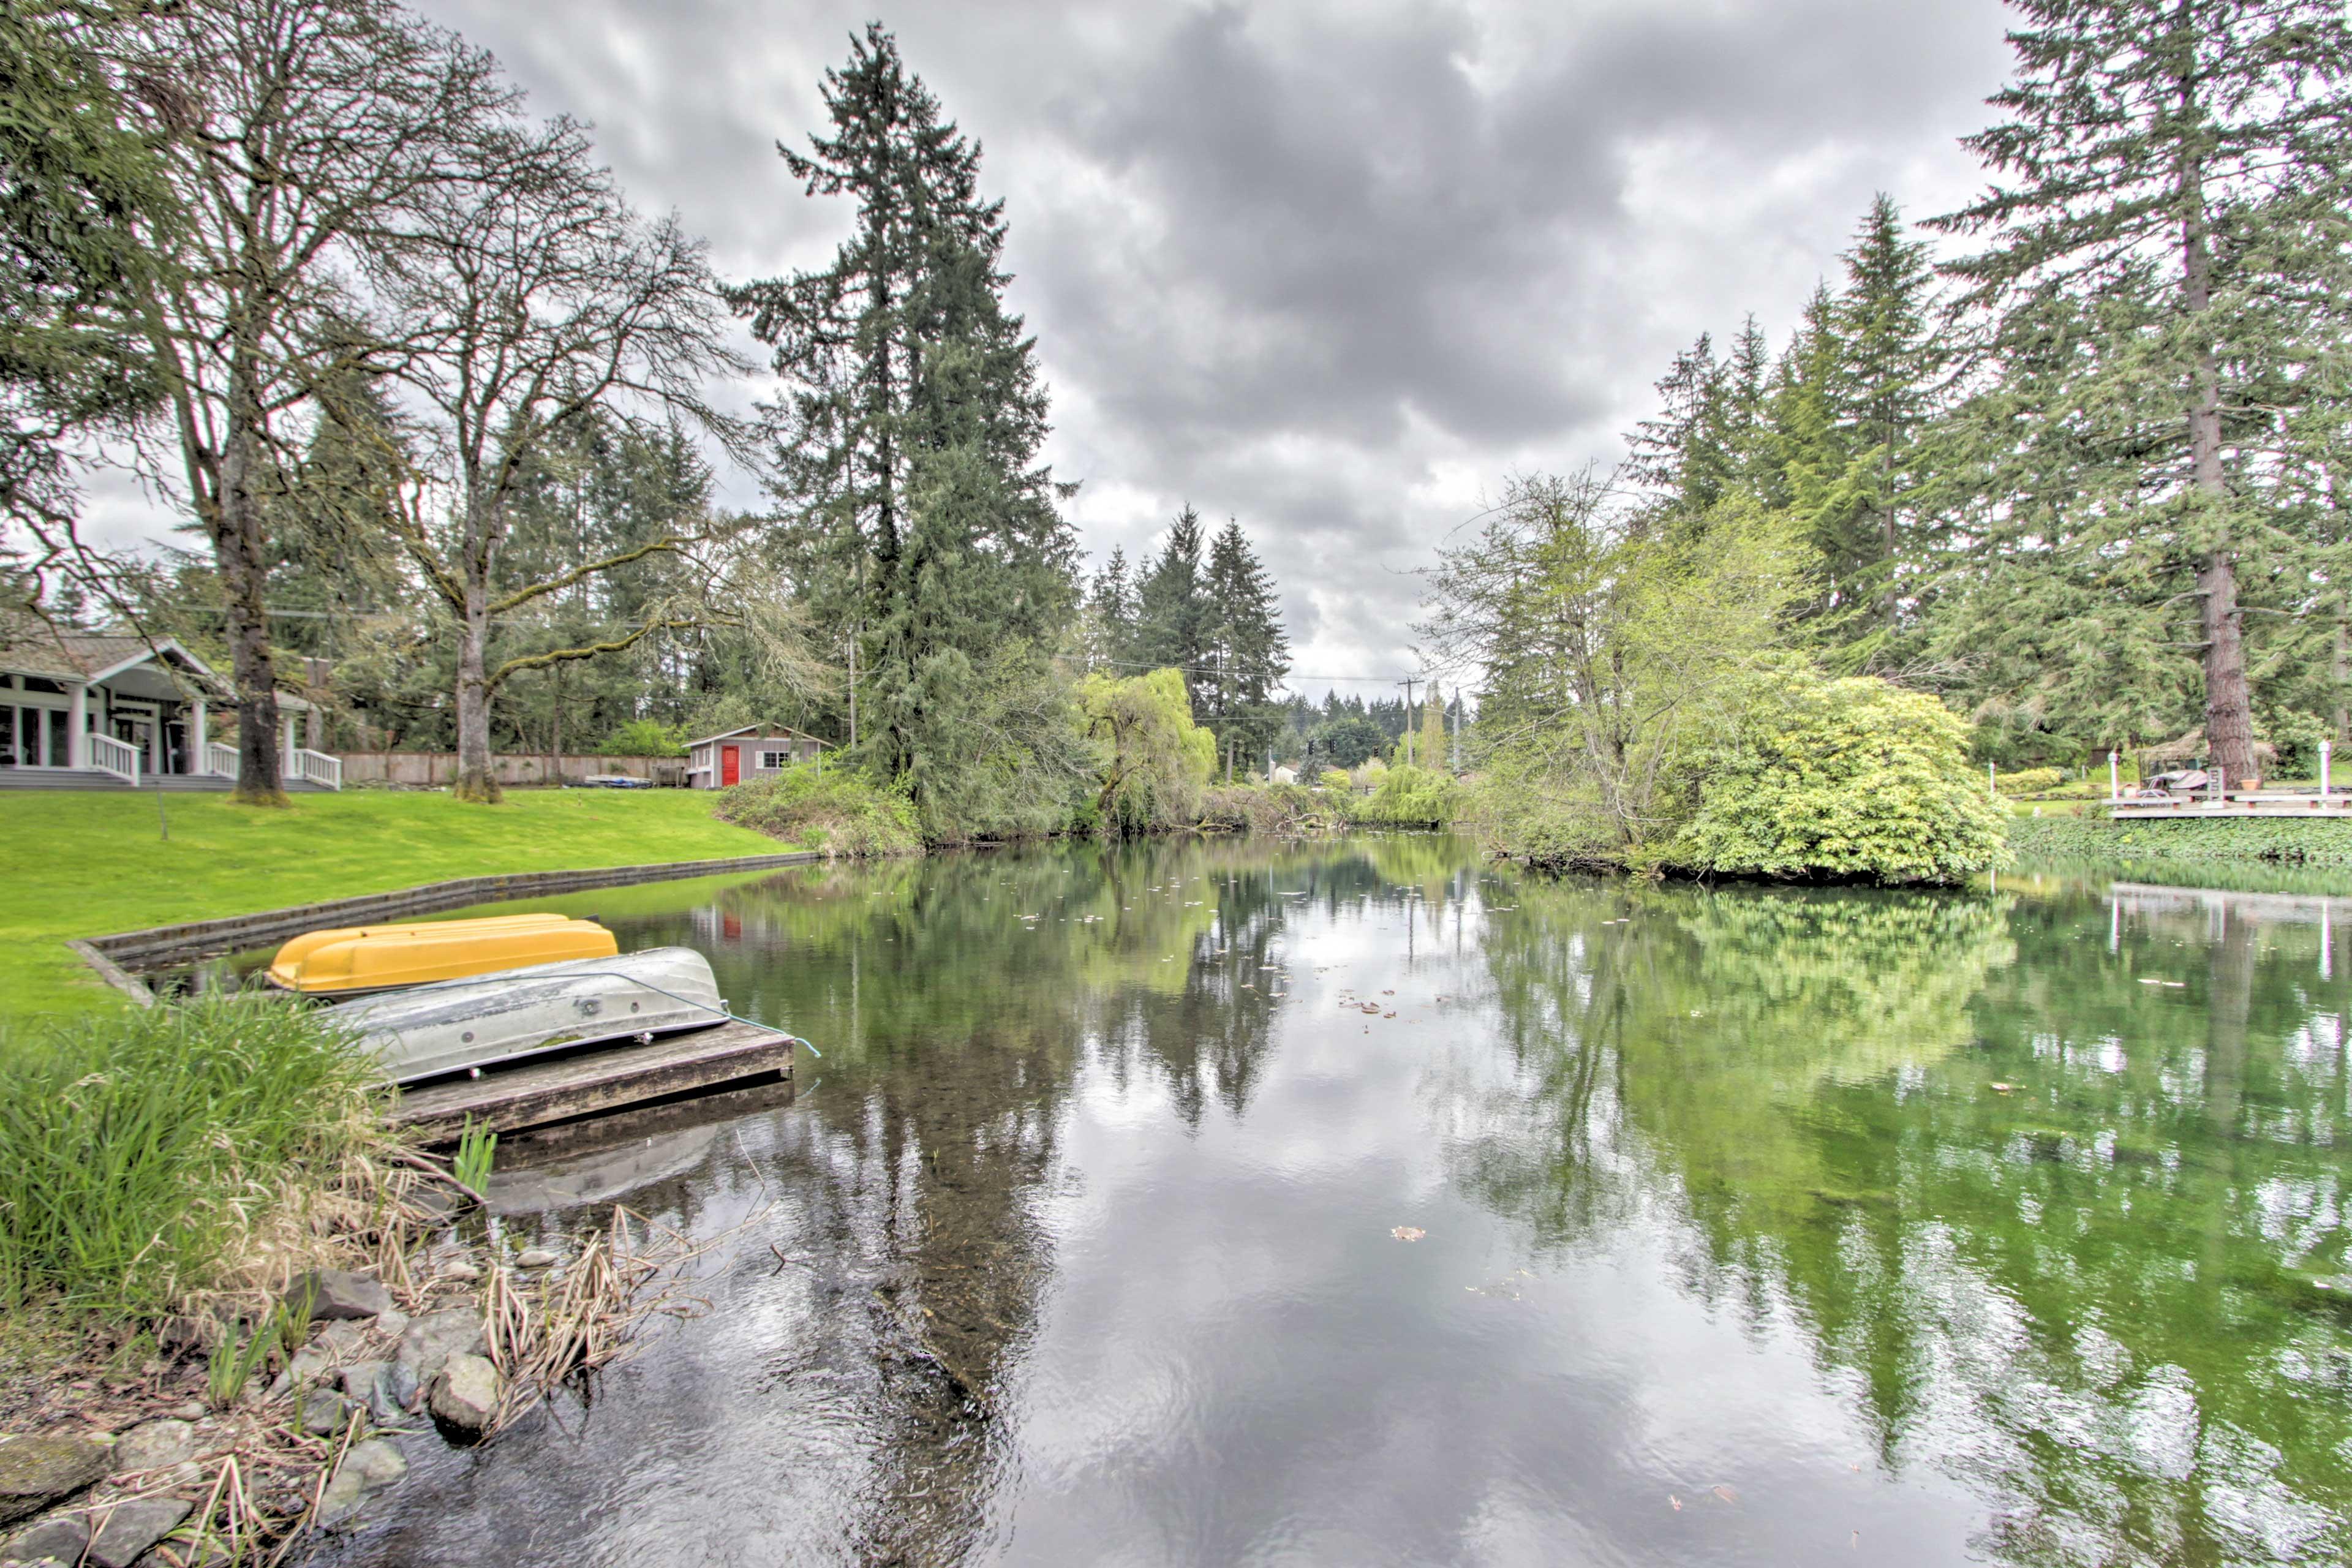 Enjoy leisurely walks around the pond.